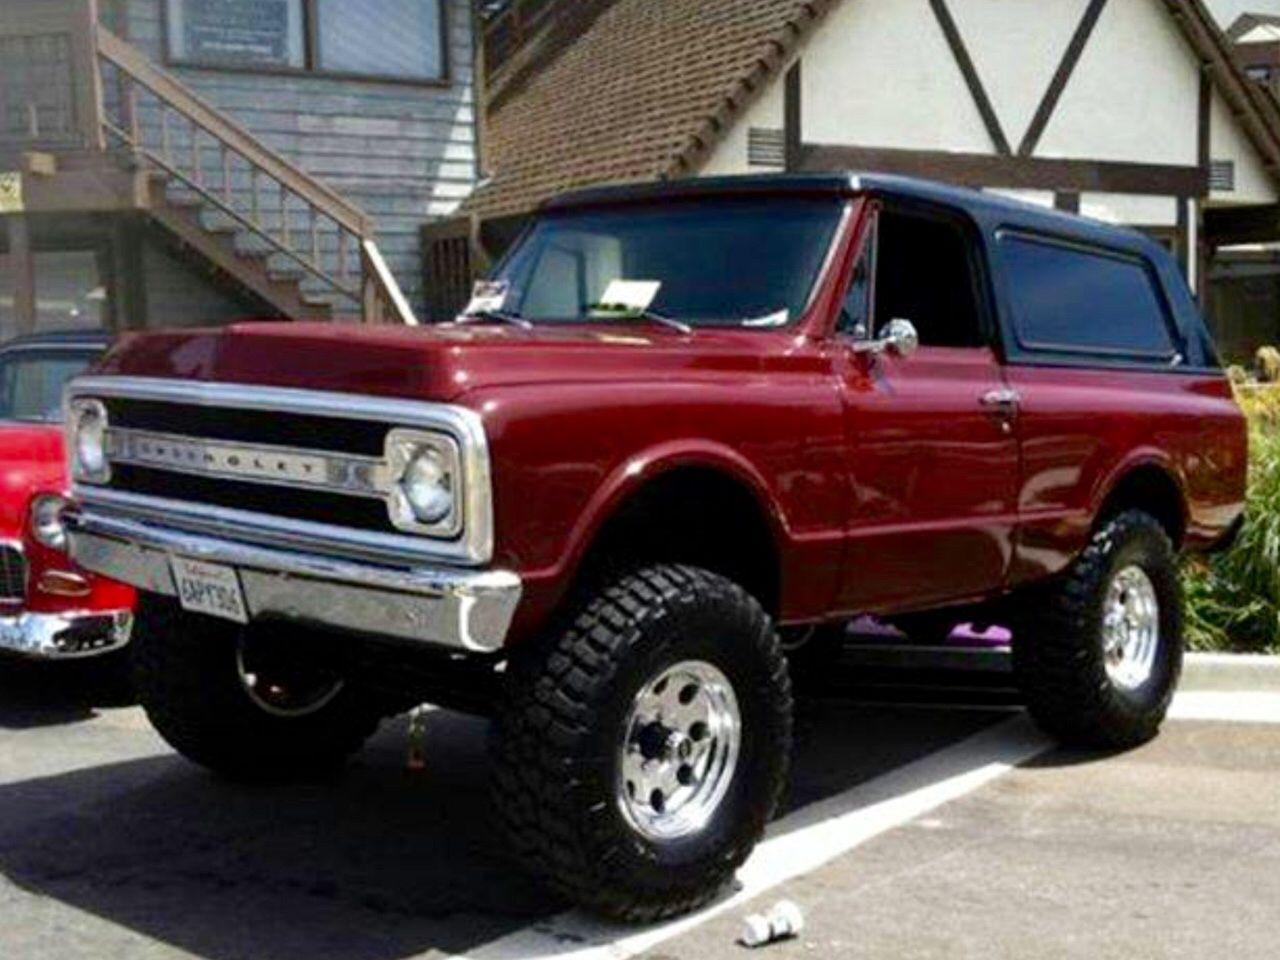 Best 25+ Chevrolet blazer ideas on Pinterest | Chevy blazer k5, k5 ...